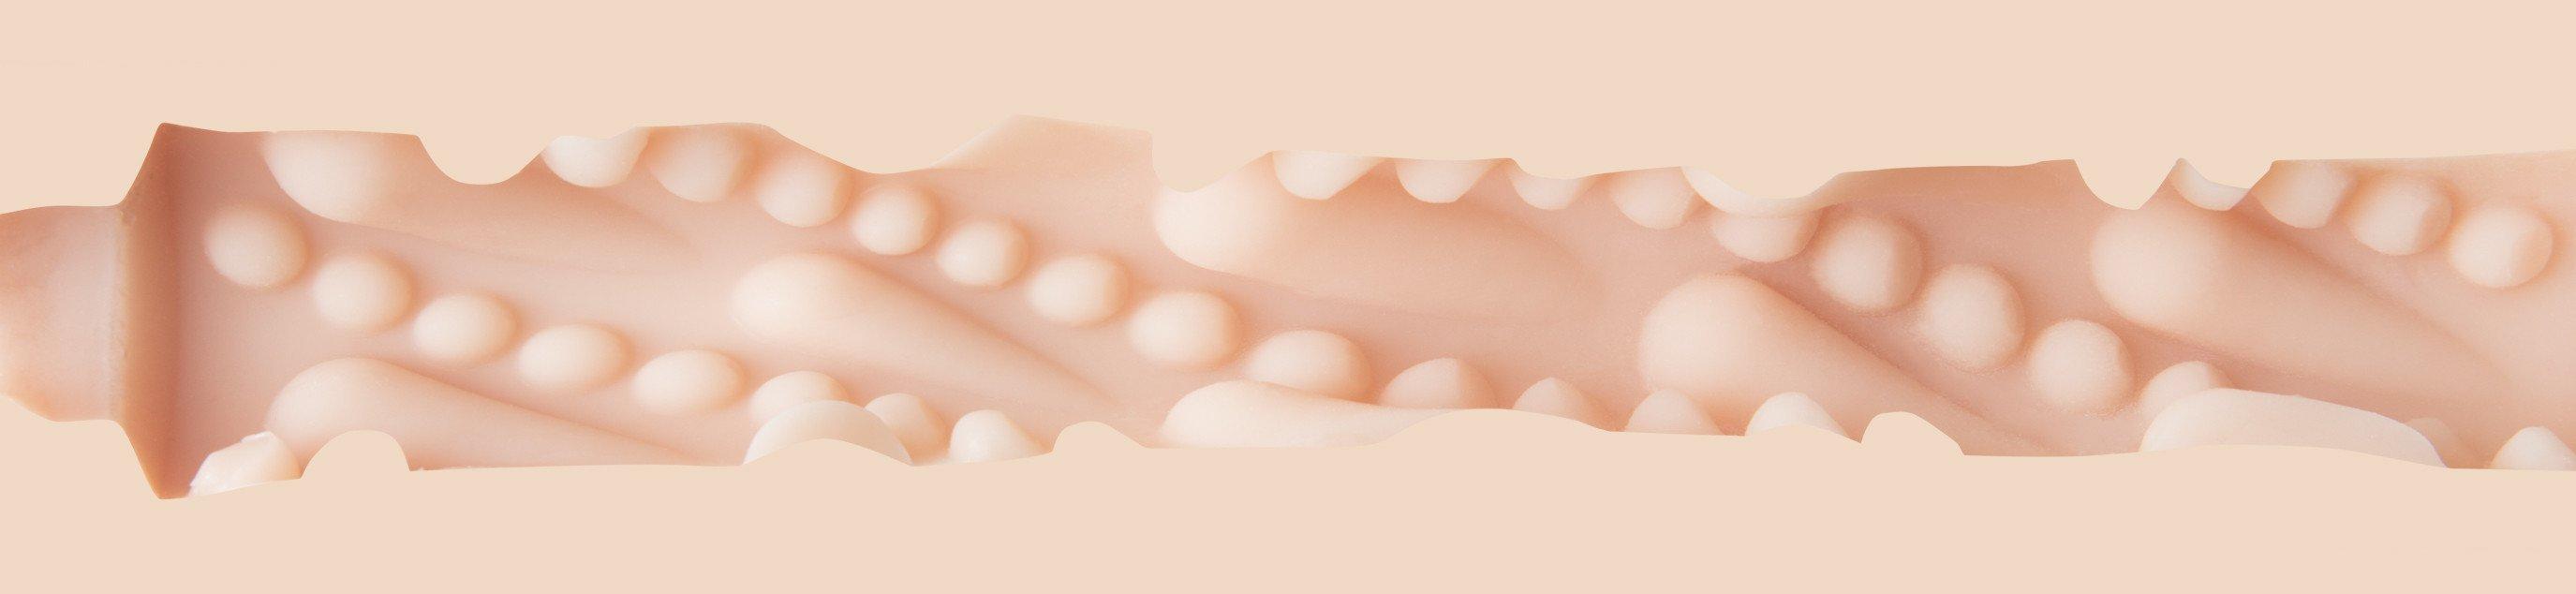 Caliente Texture Image